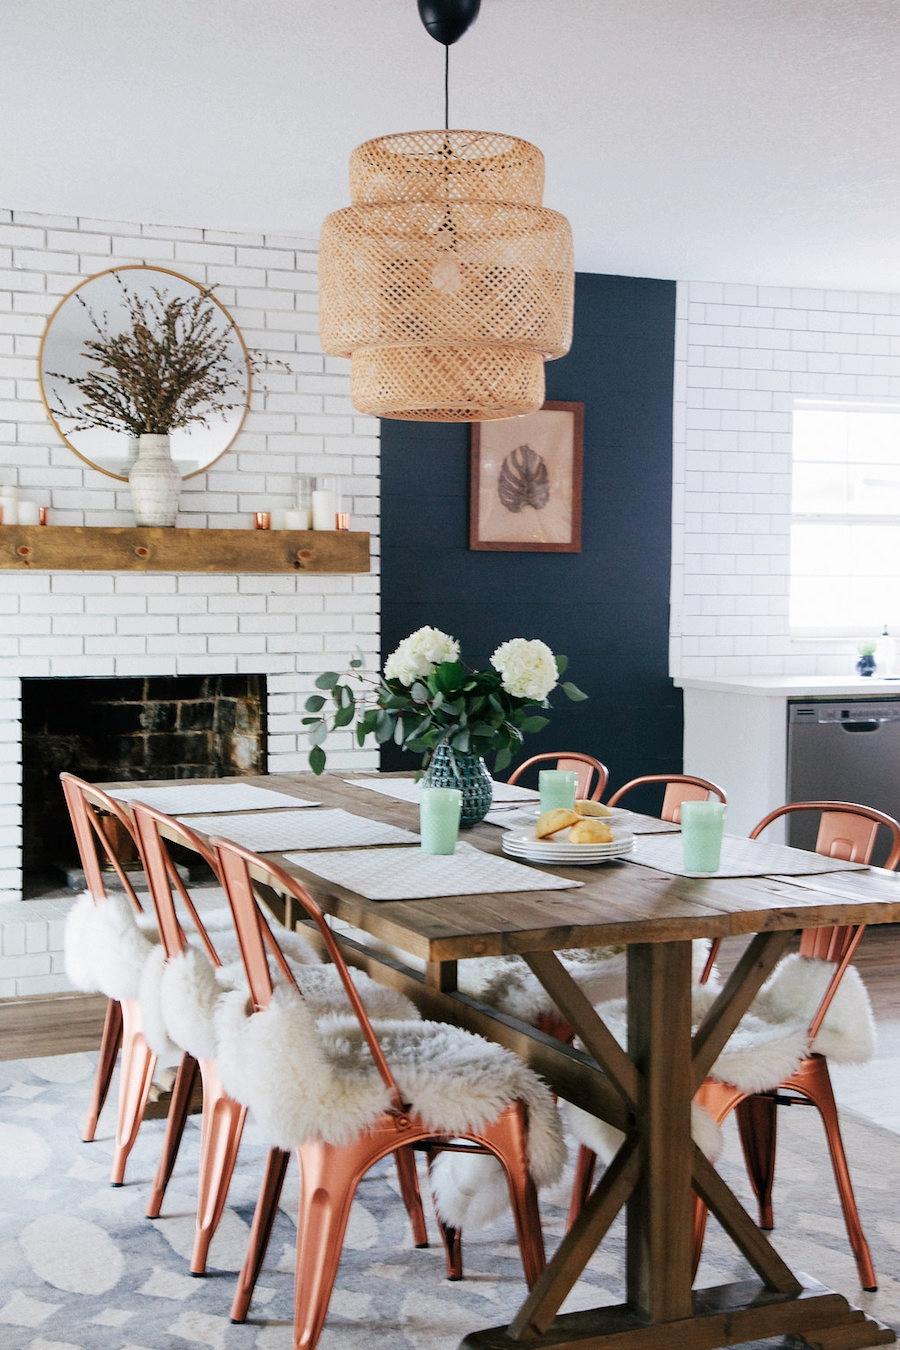 Modna biała kuchnia z jadalnią, wystrój wnętrz, wnętrza, urządzanie domu, dekoracje wnętrz, aranżacja wnętrz, inspiracje wnętrz,interior design , dom i wnętrze, aranżacja mieszkania, modne wnętrza, klasyczna kuchnia, biała kuchnia, kitchen, skandynawska kuchnia, projekt kuchni, jadalnia, styl klasyczny, styl industrialny, styl rustykalny, miedziane dodatki, industrialne krzesła